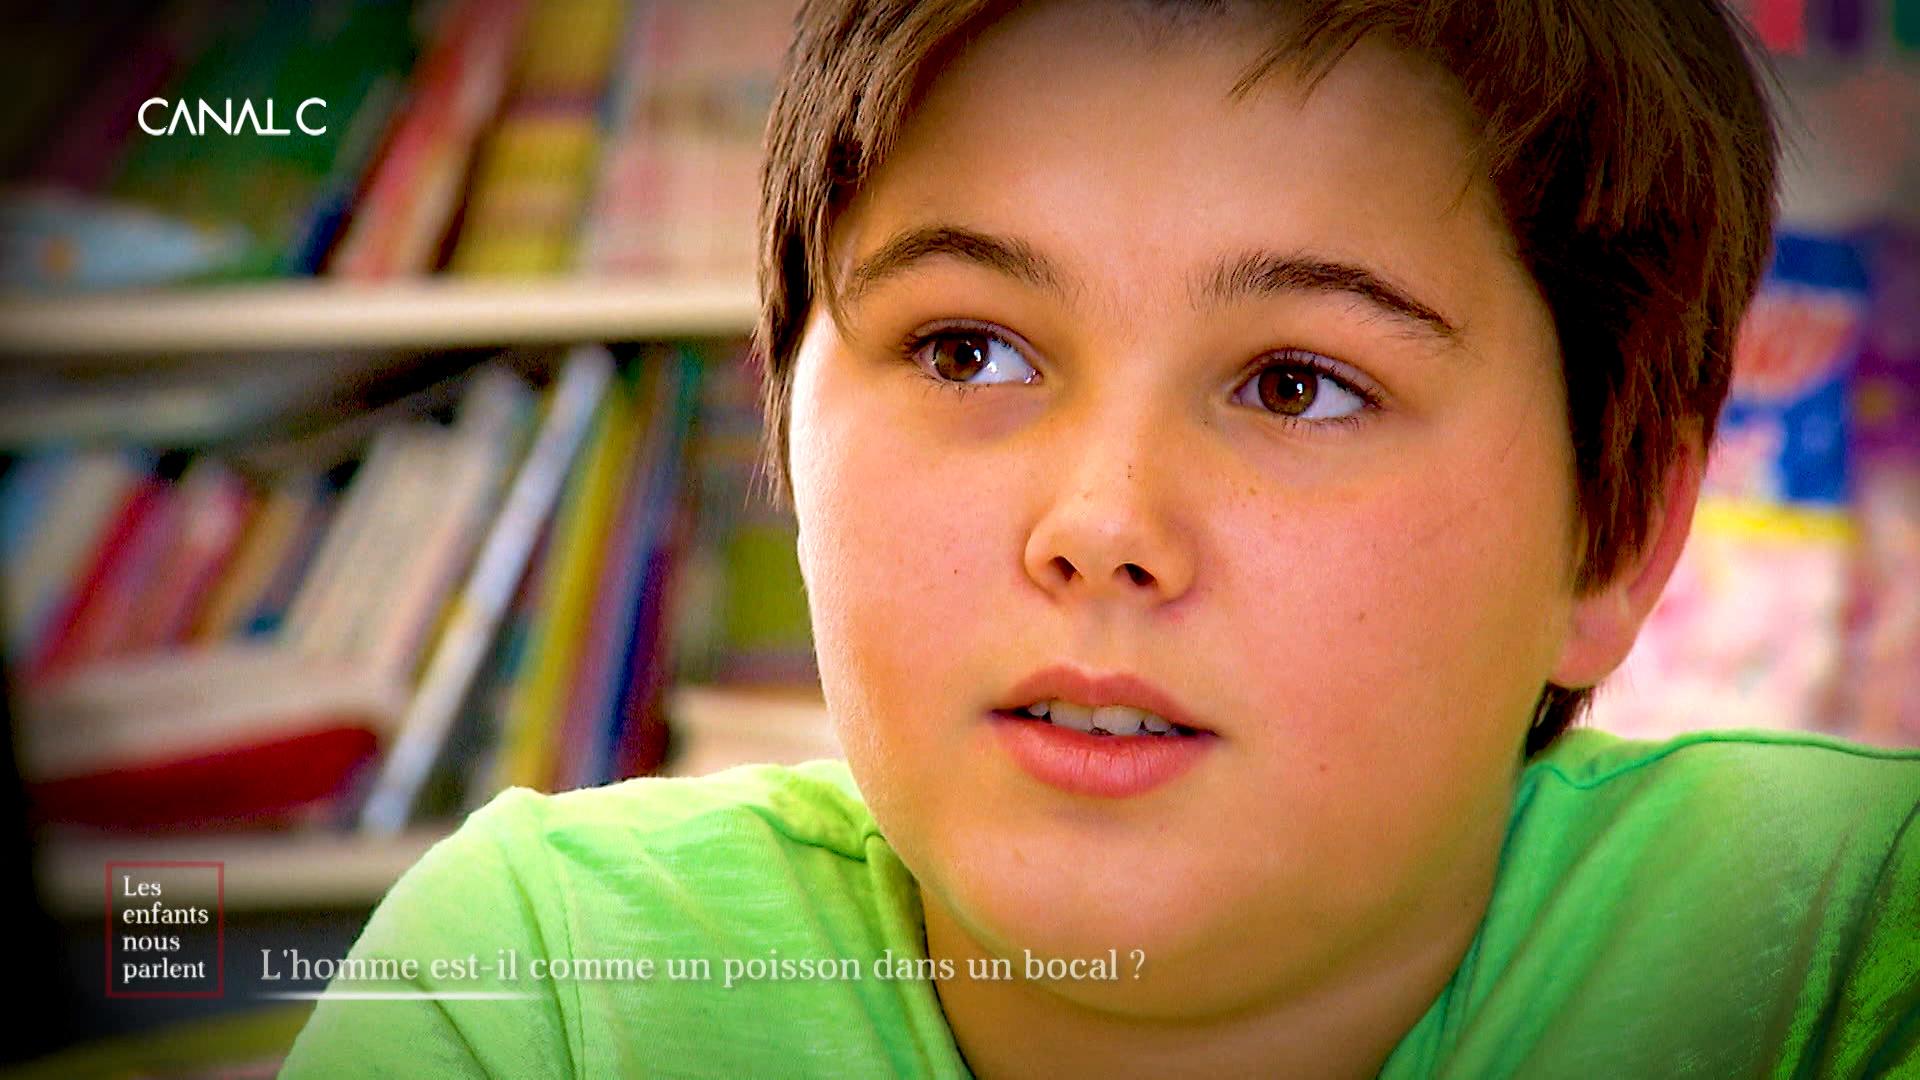 Les enfants nous parlent #40 - Le sens de la vie